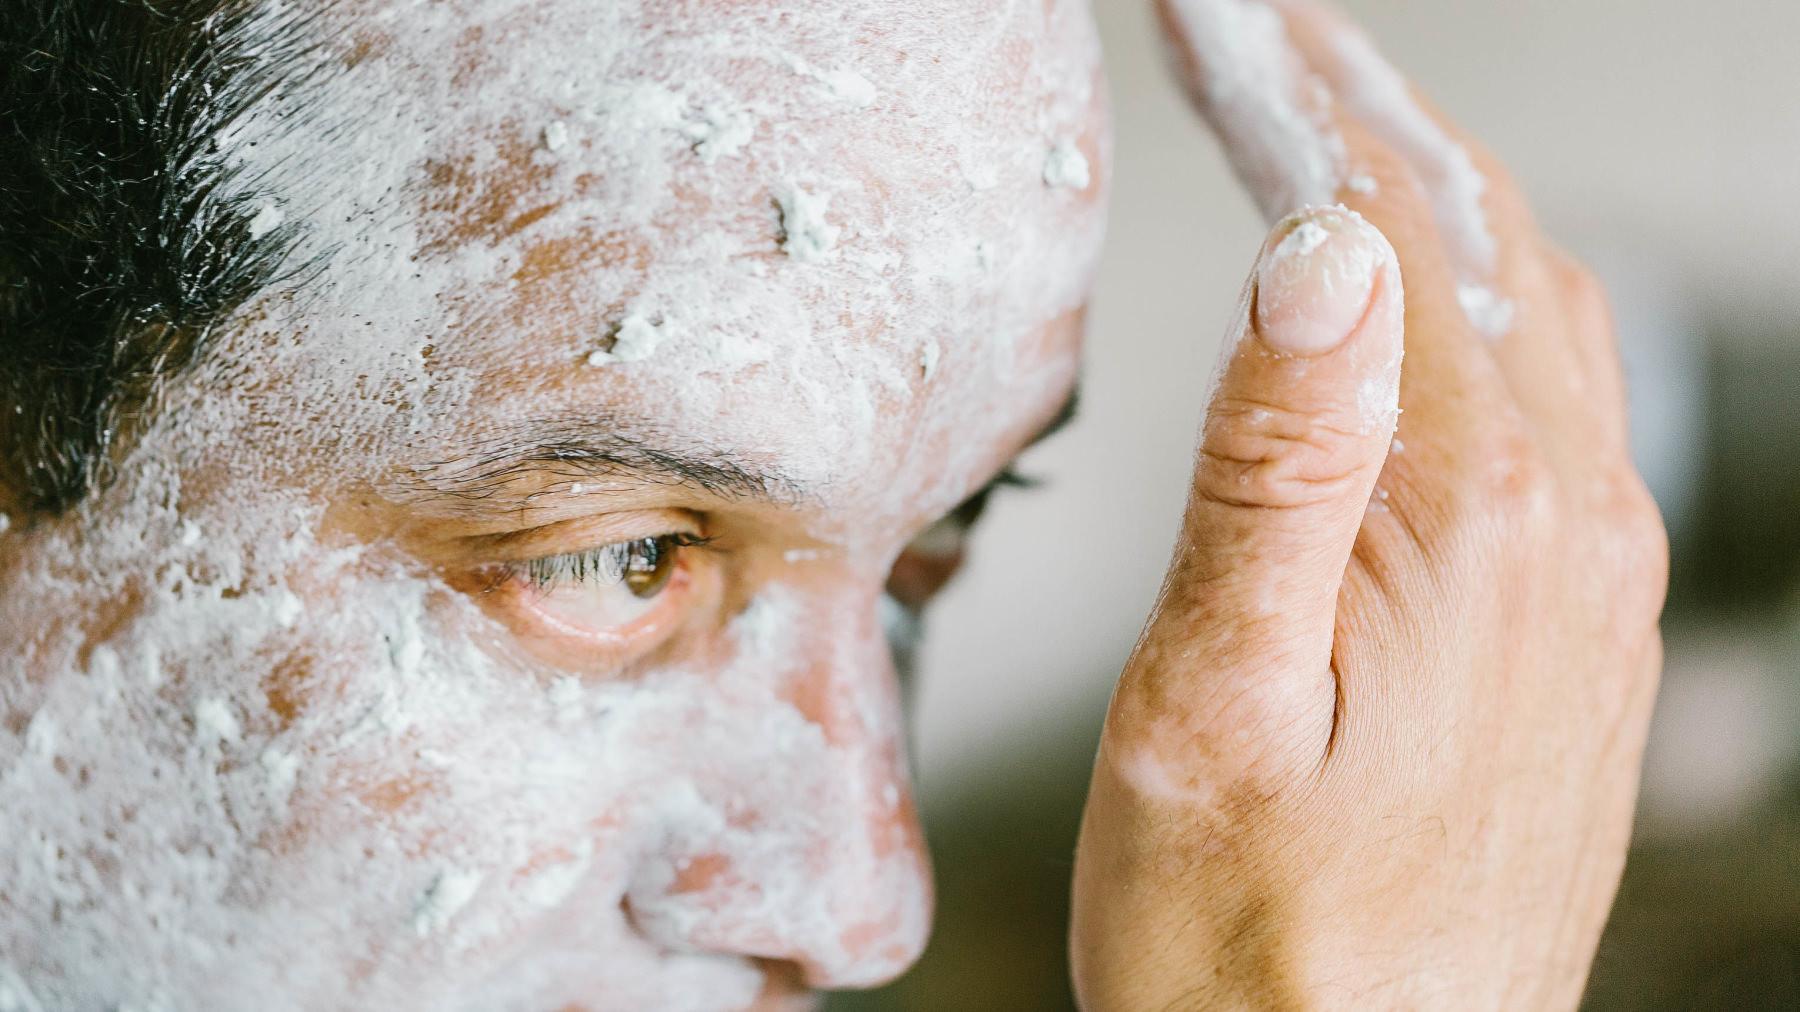 Una persona applica sul viso la Maschera jelly per il viso lenitiva e rinfrescante The Birth of Venus